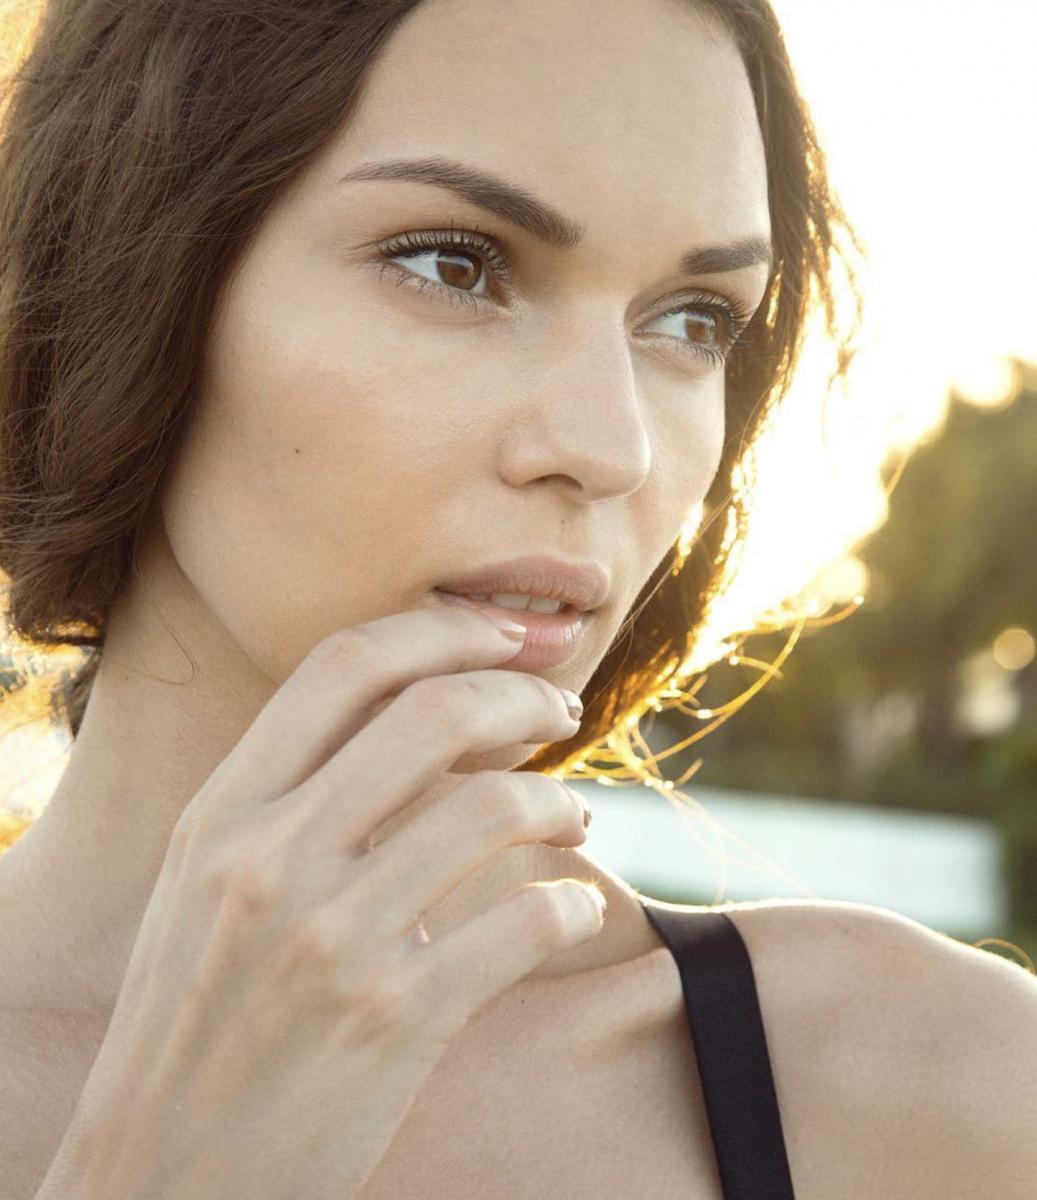 Balistarz-model-Olha-Chastnikova-headshot-sideways-portrait-shoot